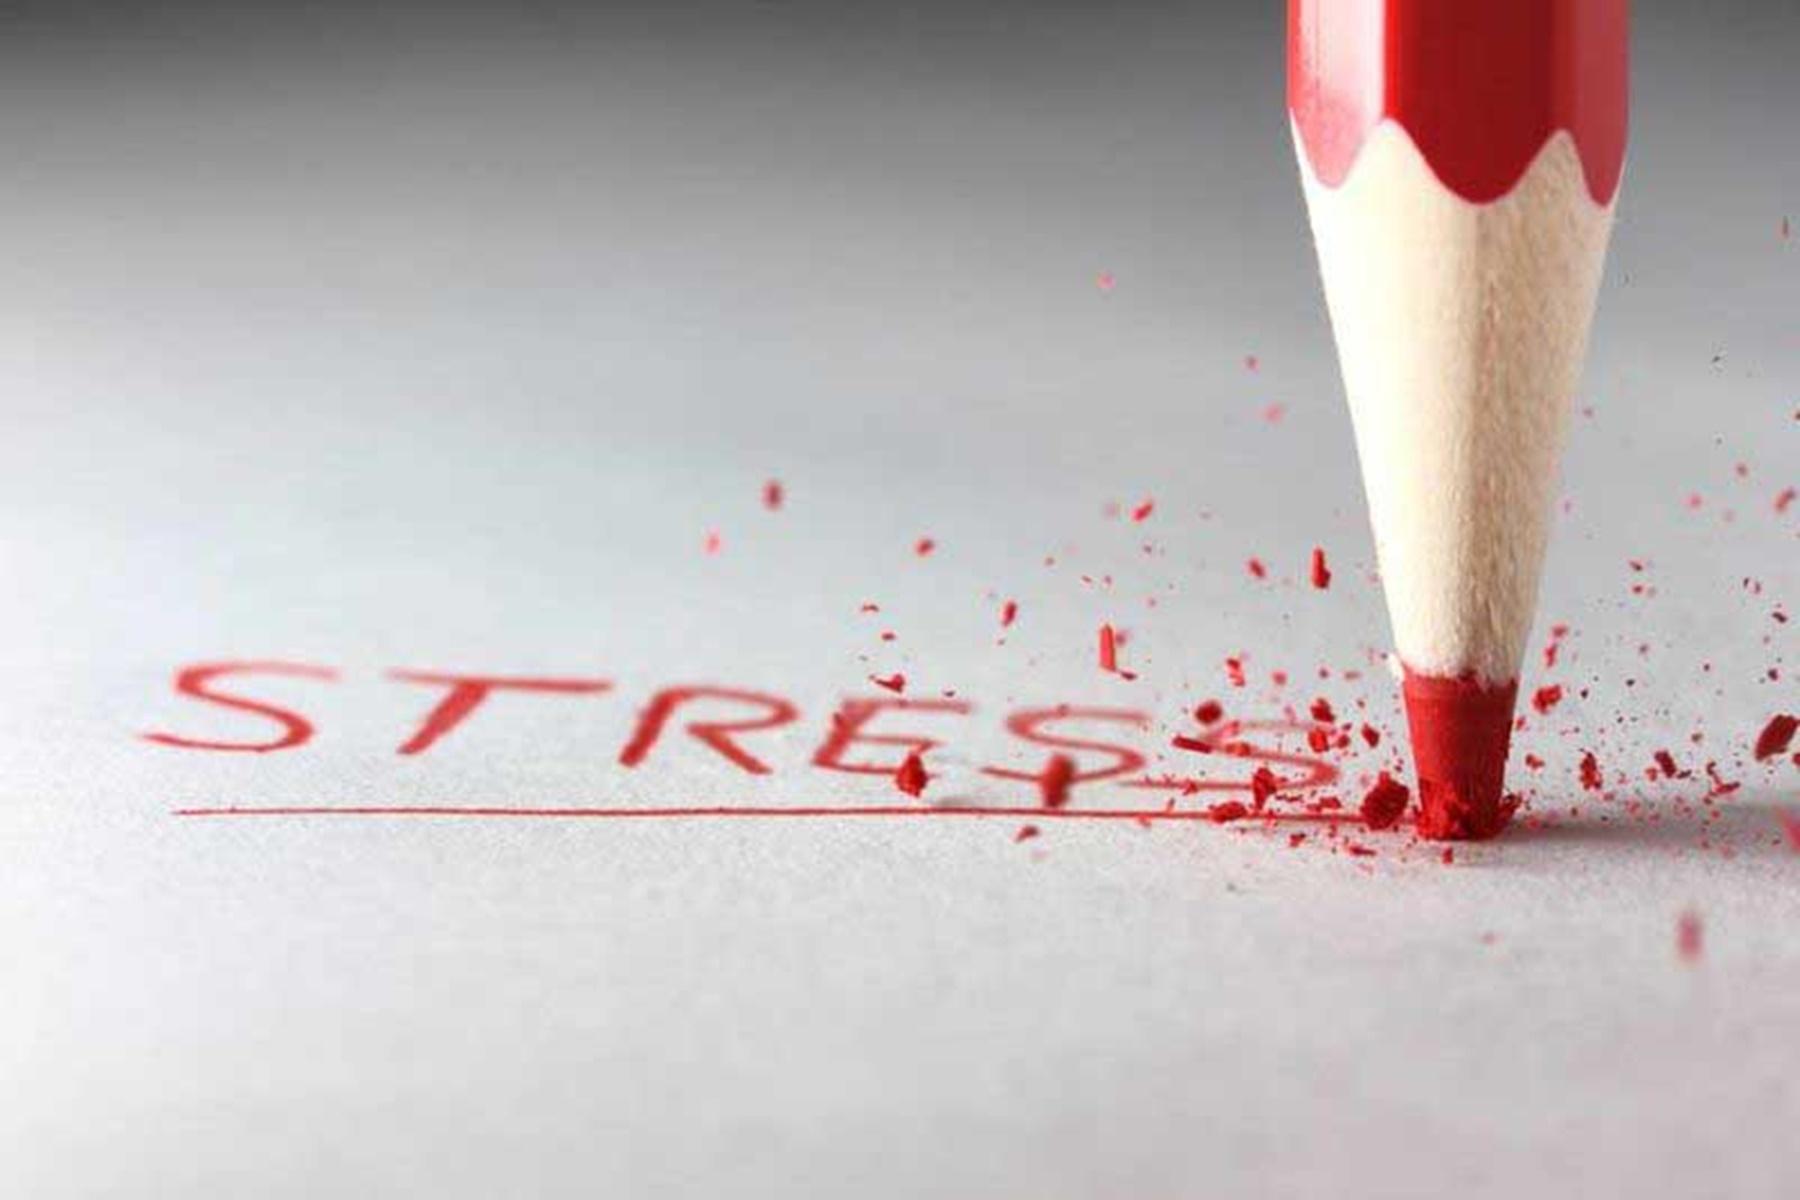 Ψυχολογικός άγχος : Έτσι θα το αναγνωρίσετε